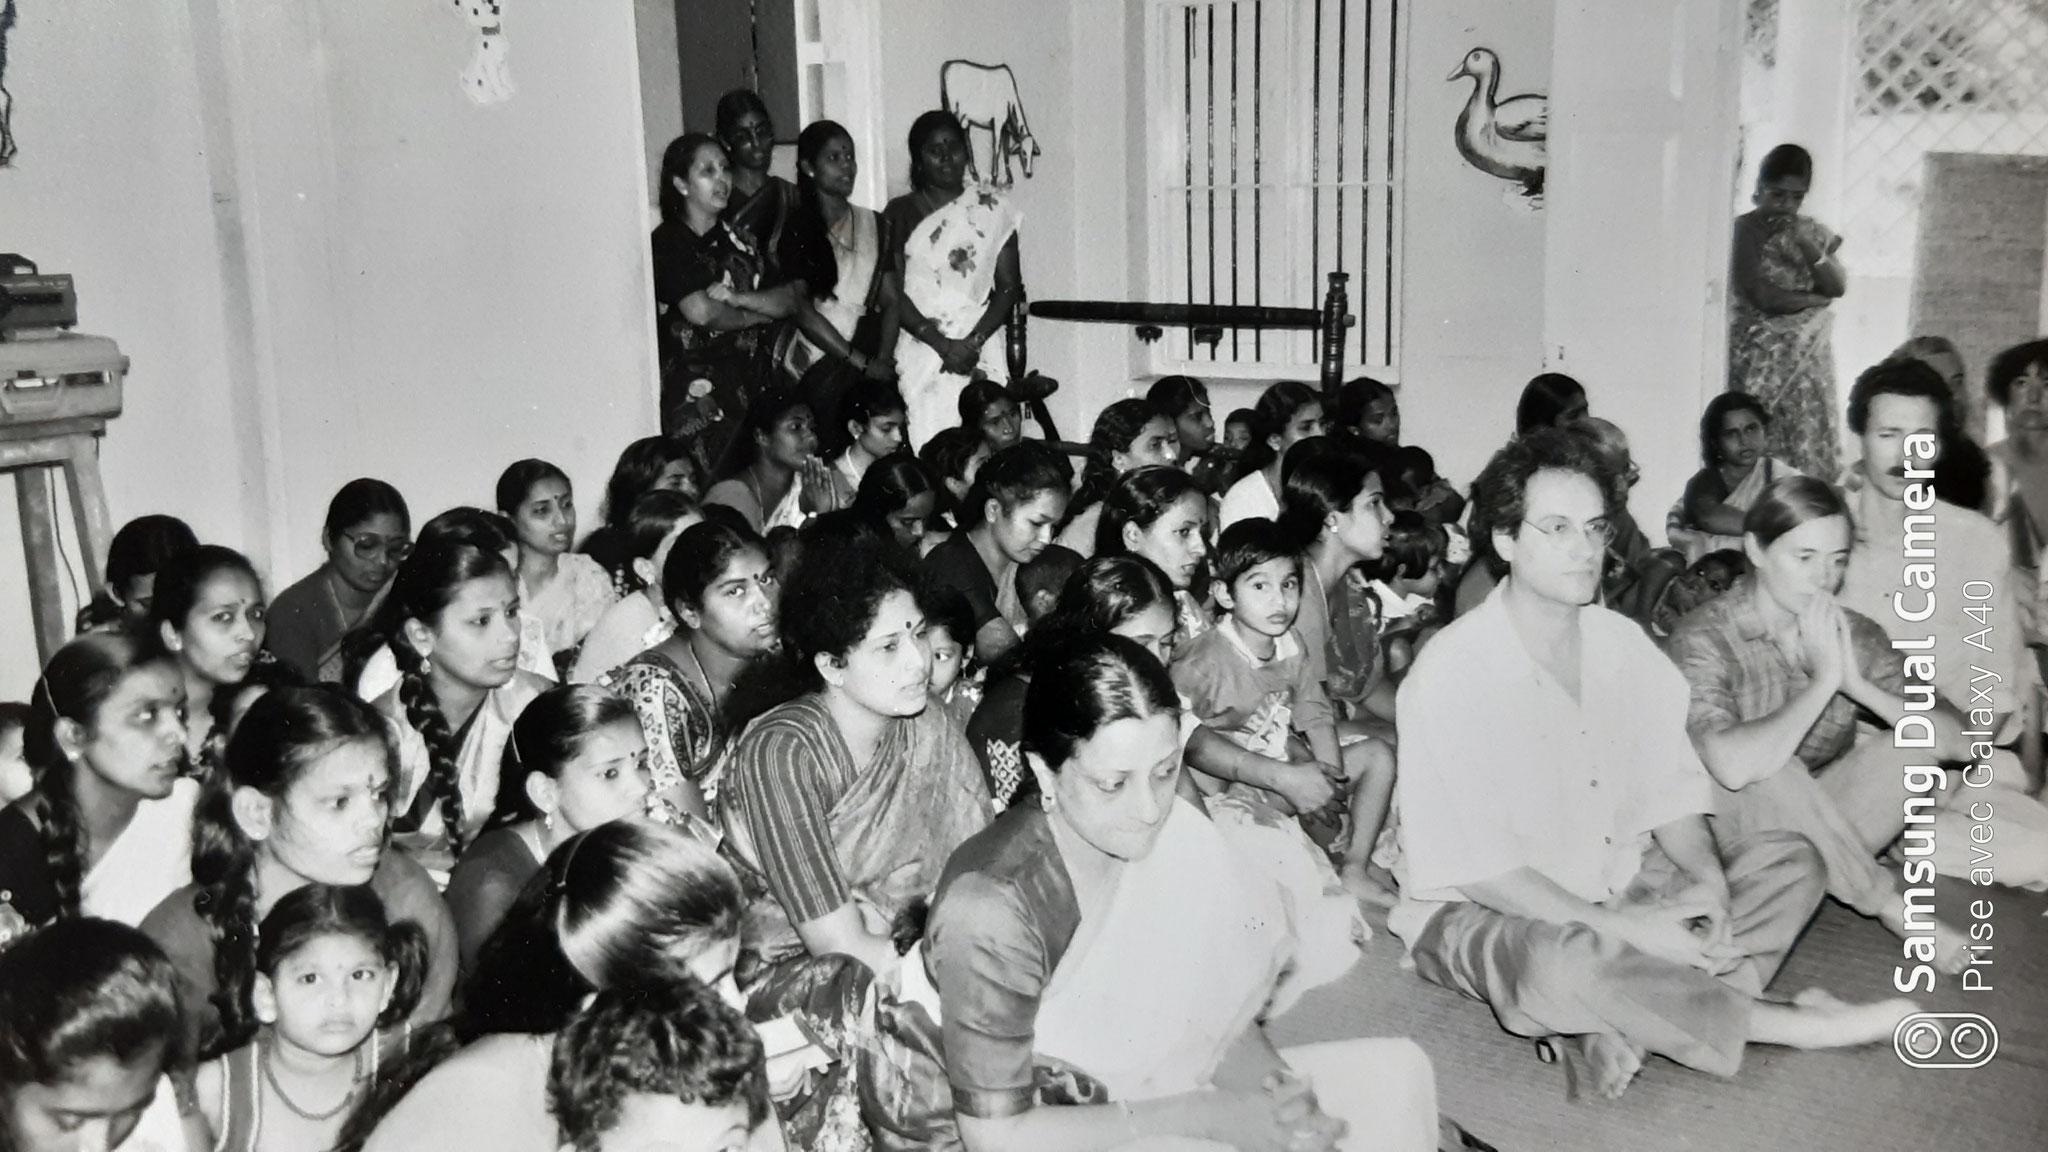 Chenaï 1992